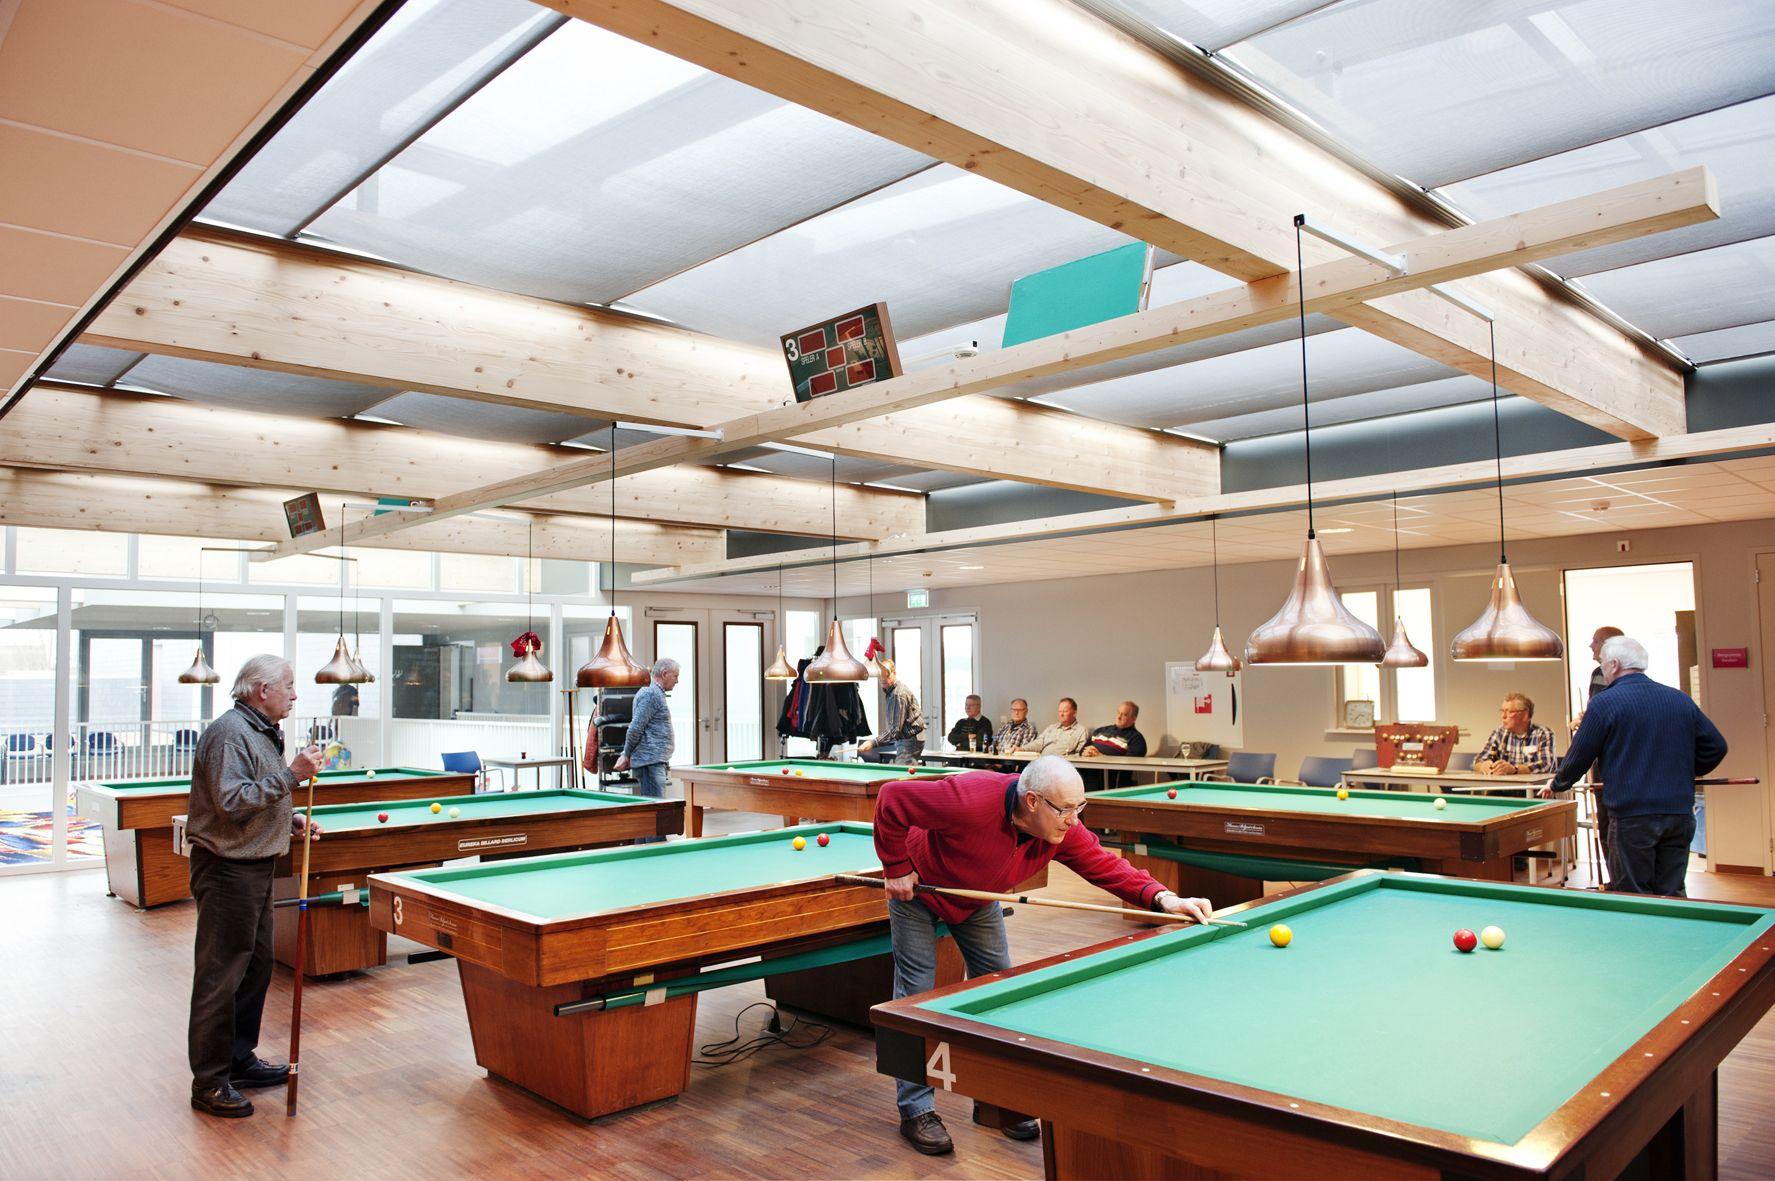 Dorpscentrum De Berchplaets Te Berghem Fotografie Madeleine Sars Home Decor Berghem Home